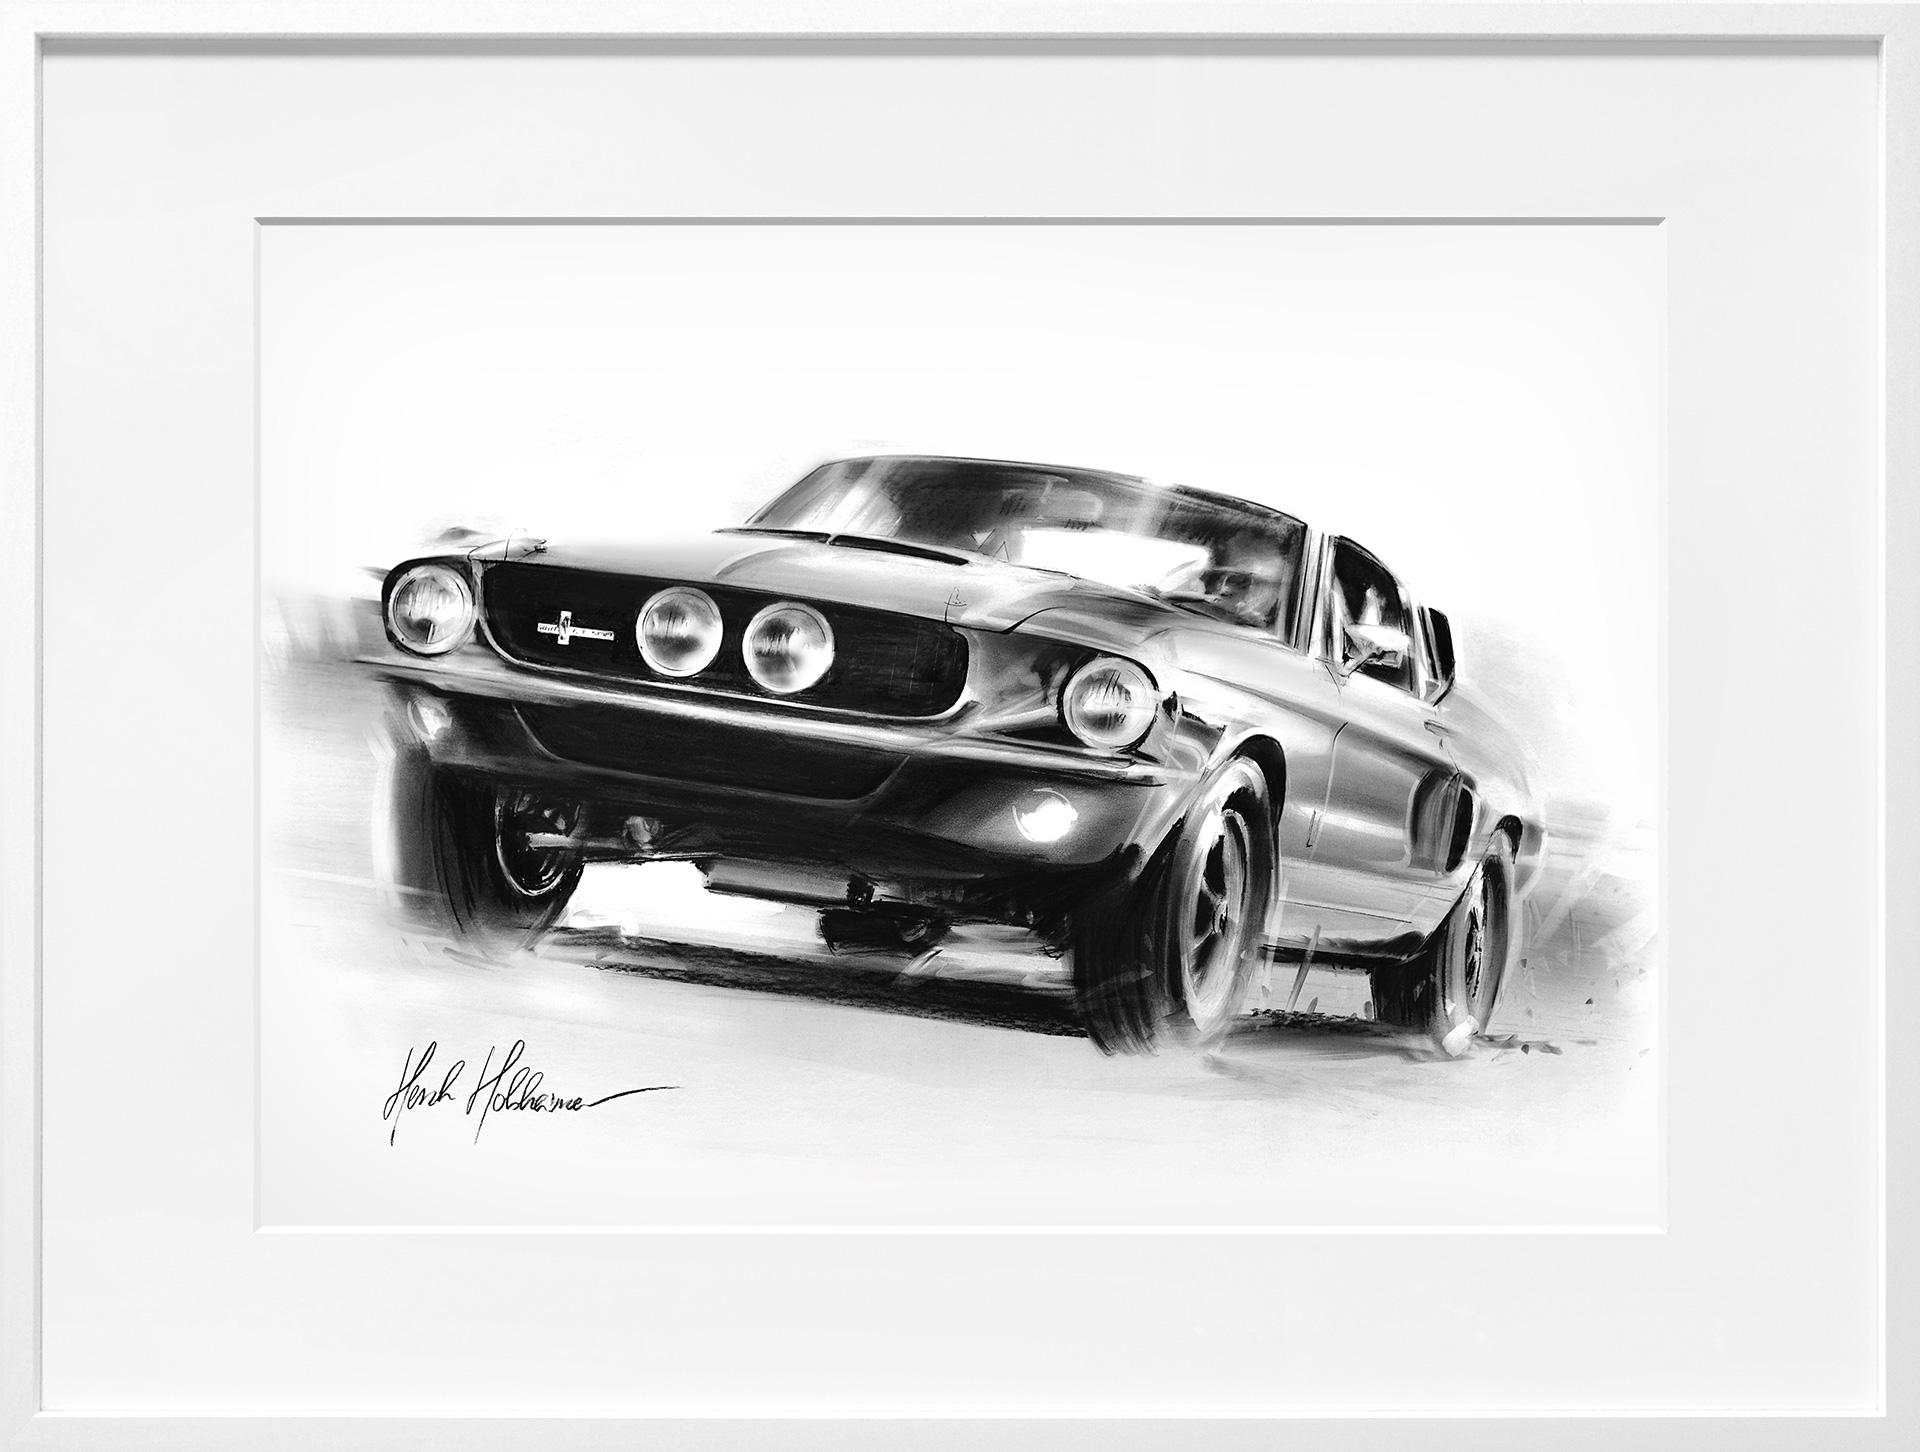 Henk_Holsheimer_14C008_Shelby500GT_1920fr